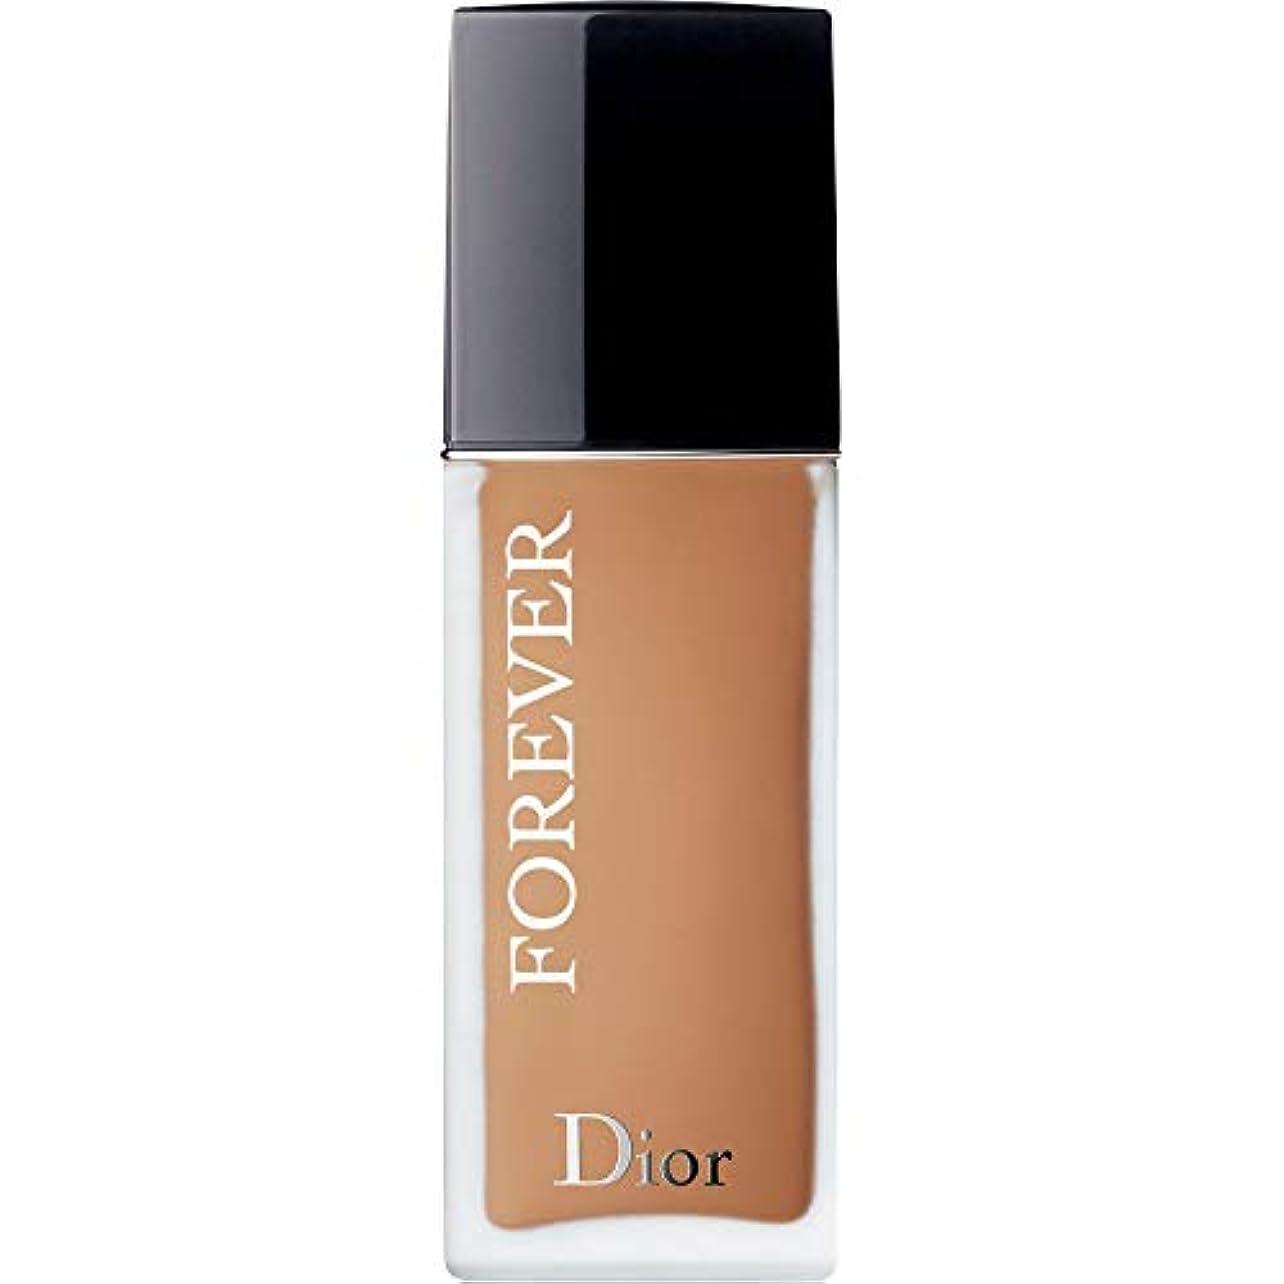 カエル折る出発する[Dior ] ディオール永遠皮膚思いやりの基盤Spf35 30ミリリットルの4.5ワット - 暖かい(つや消し) - DIOR Forever Skin-Caring Foundation SPF35 30ml 4.5W...